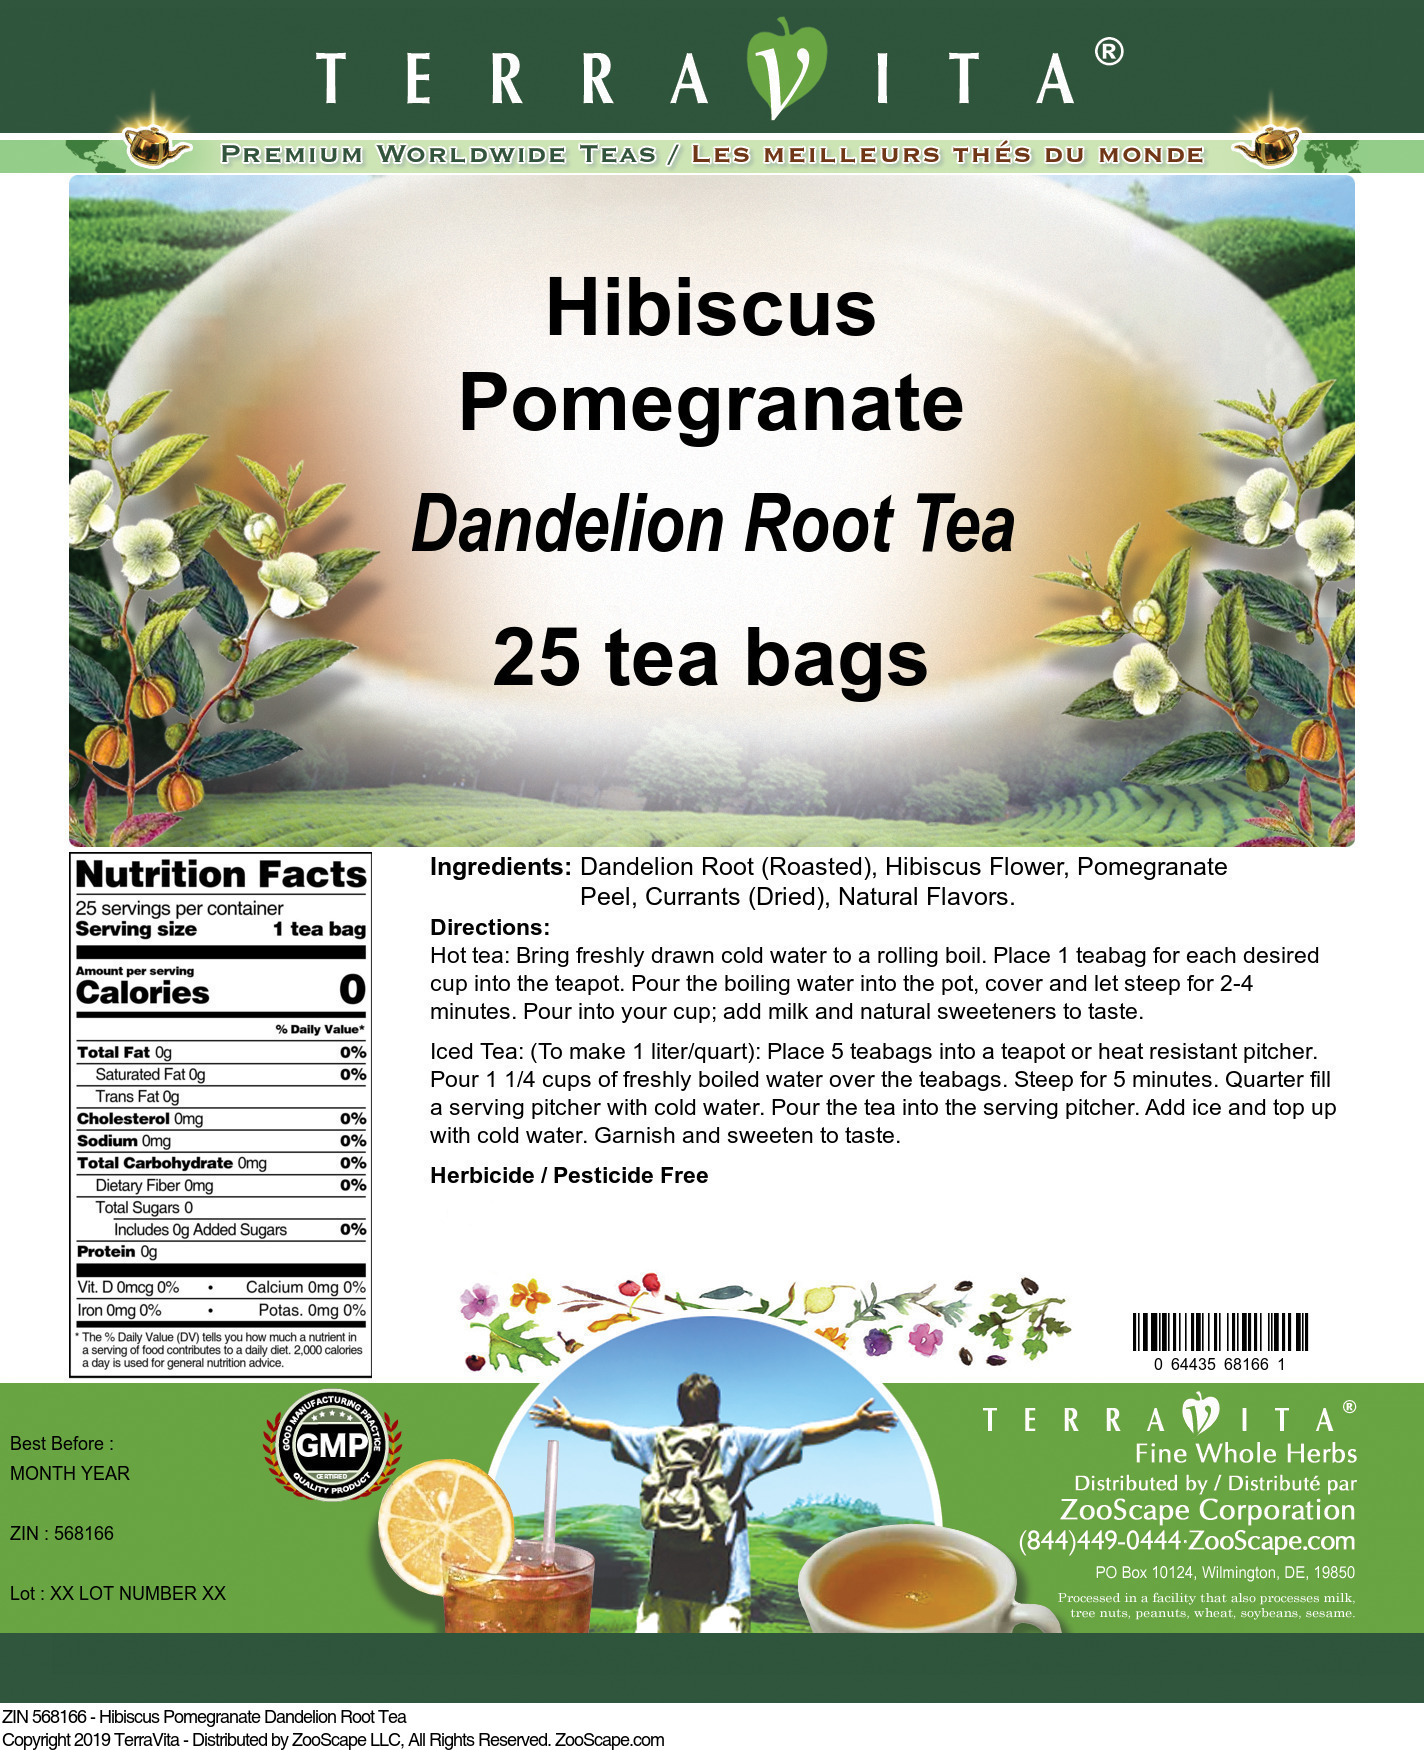 Hibiscus Pomegranate Dandelion Root